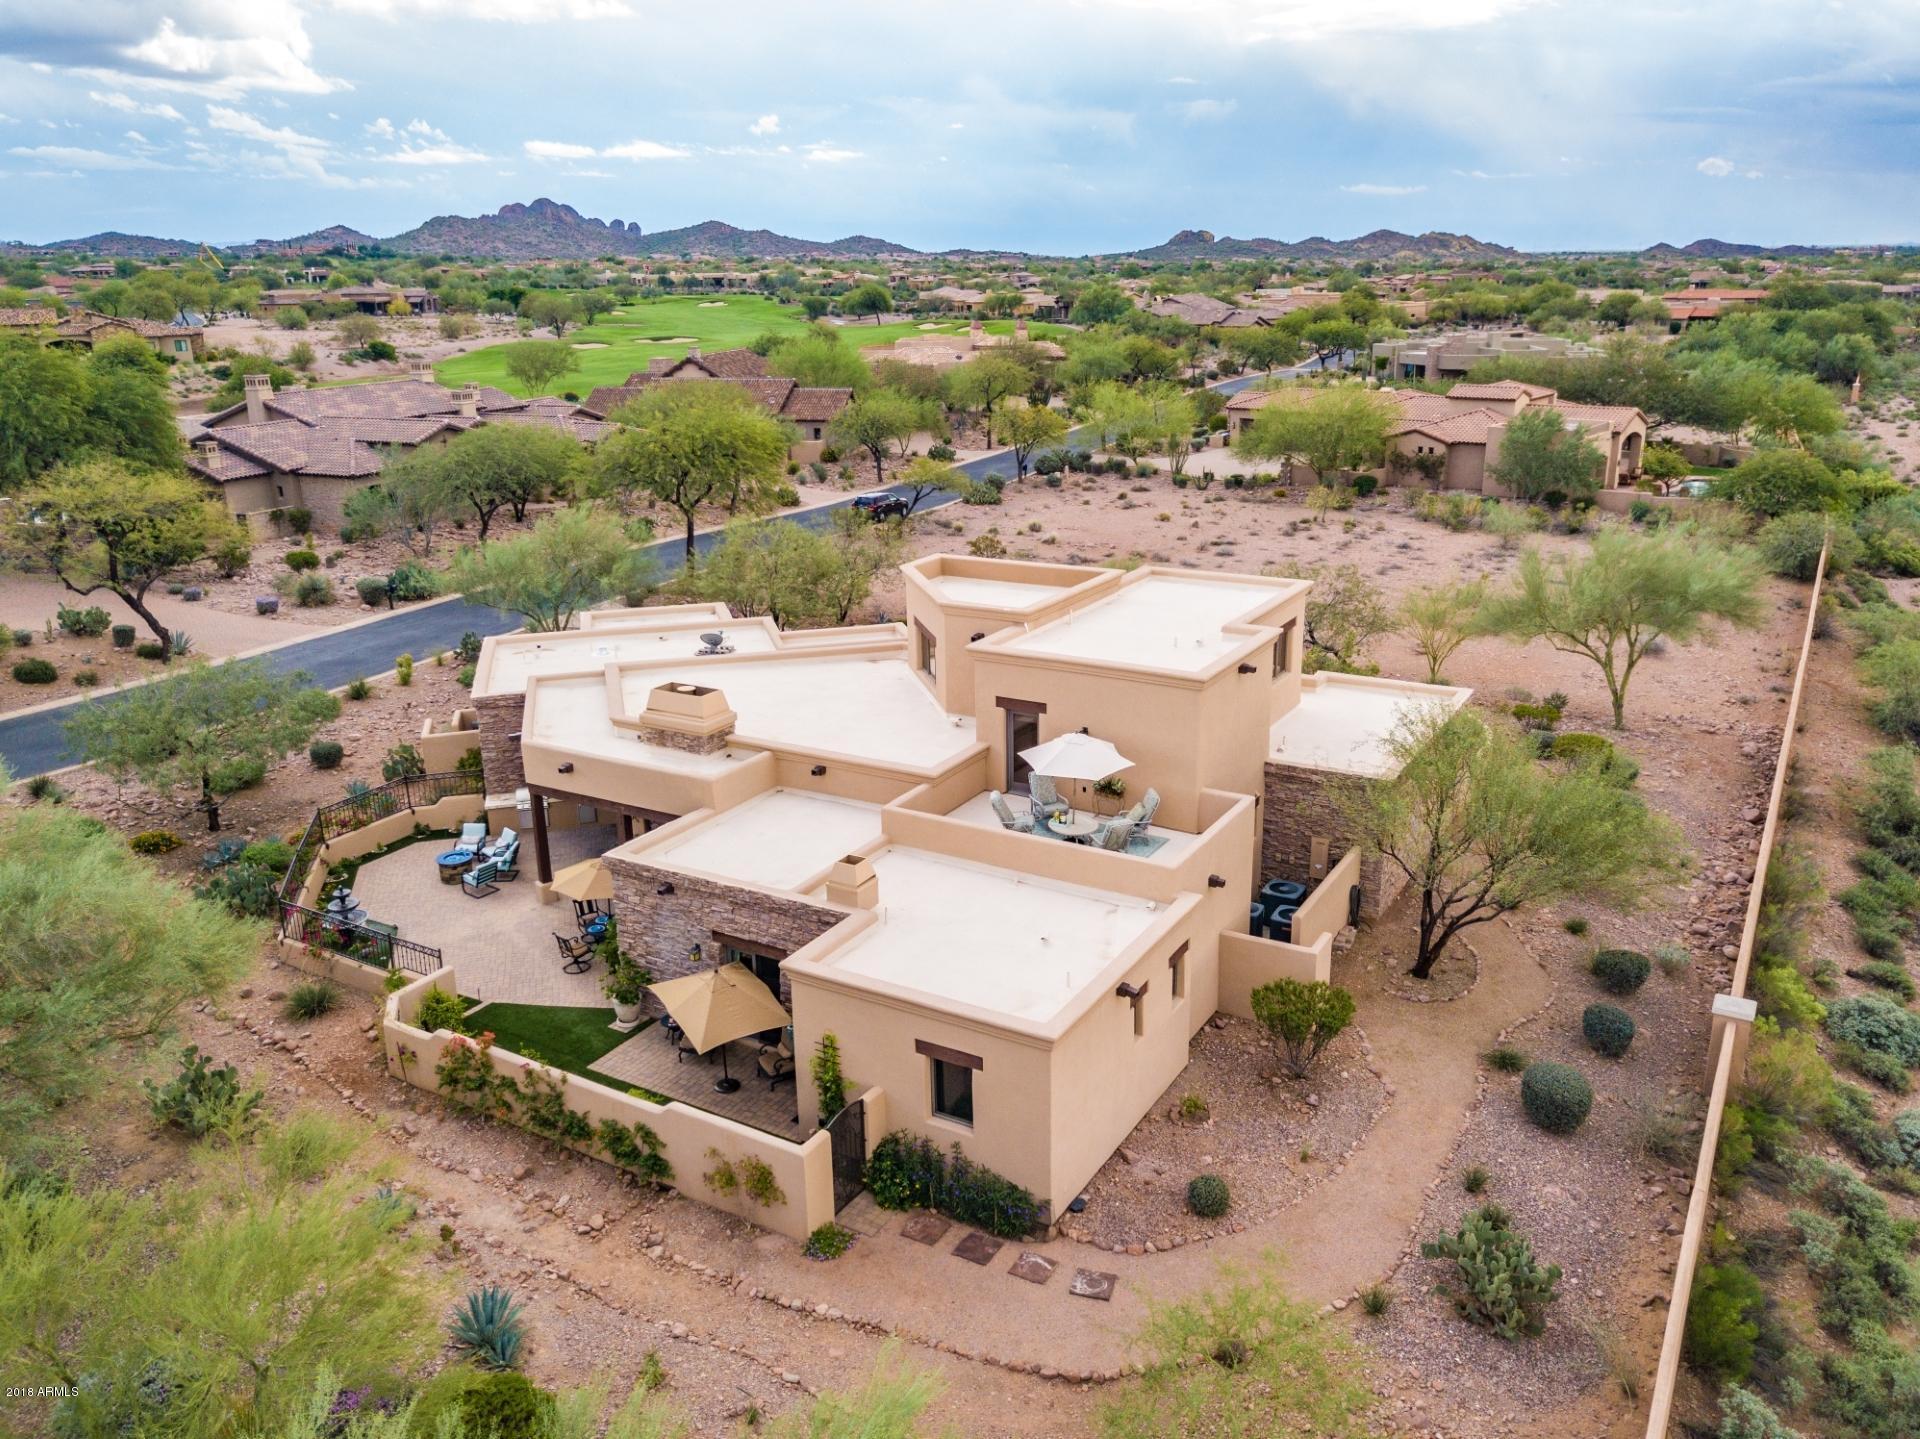 MLS 5838125 2466 S Pinyon Village Drive, Gold Canyon, AZ 85118 Gold Canyon AZ Four Bedroom